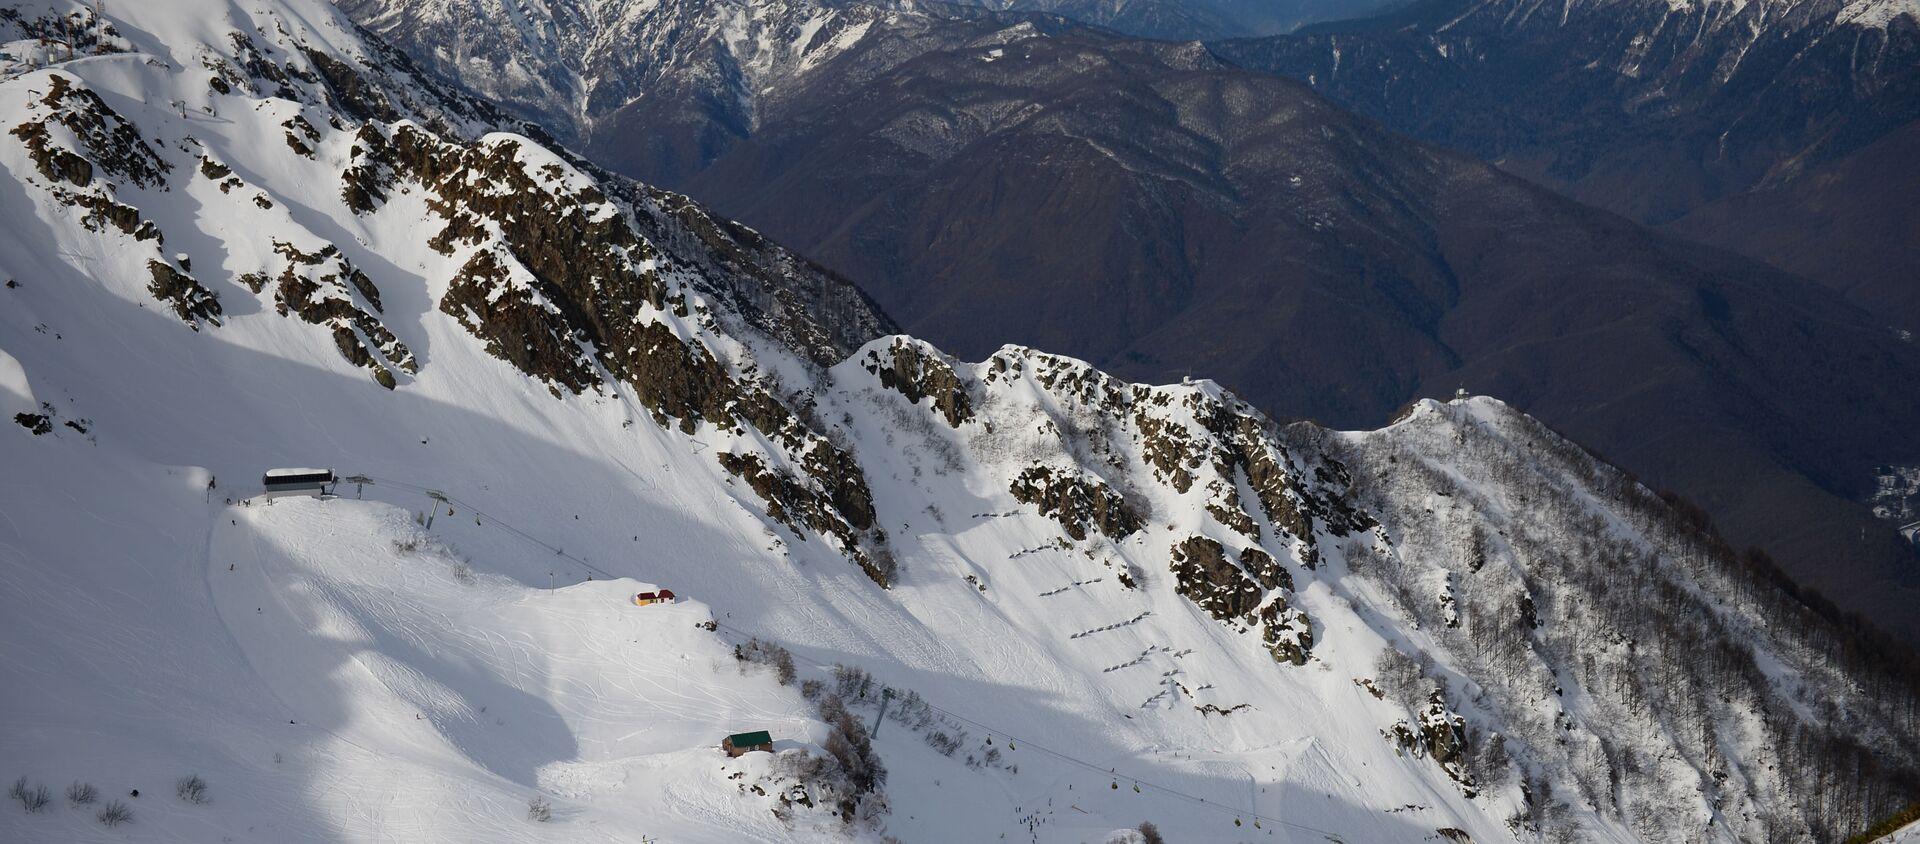 Открытие сезона на горнолыжном курорте Роза Хутор в Сочи - Sputnik Аҧсны, 1920, 16.05.2021